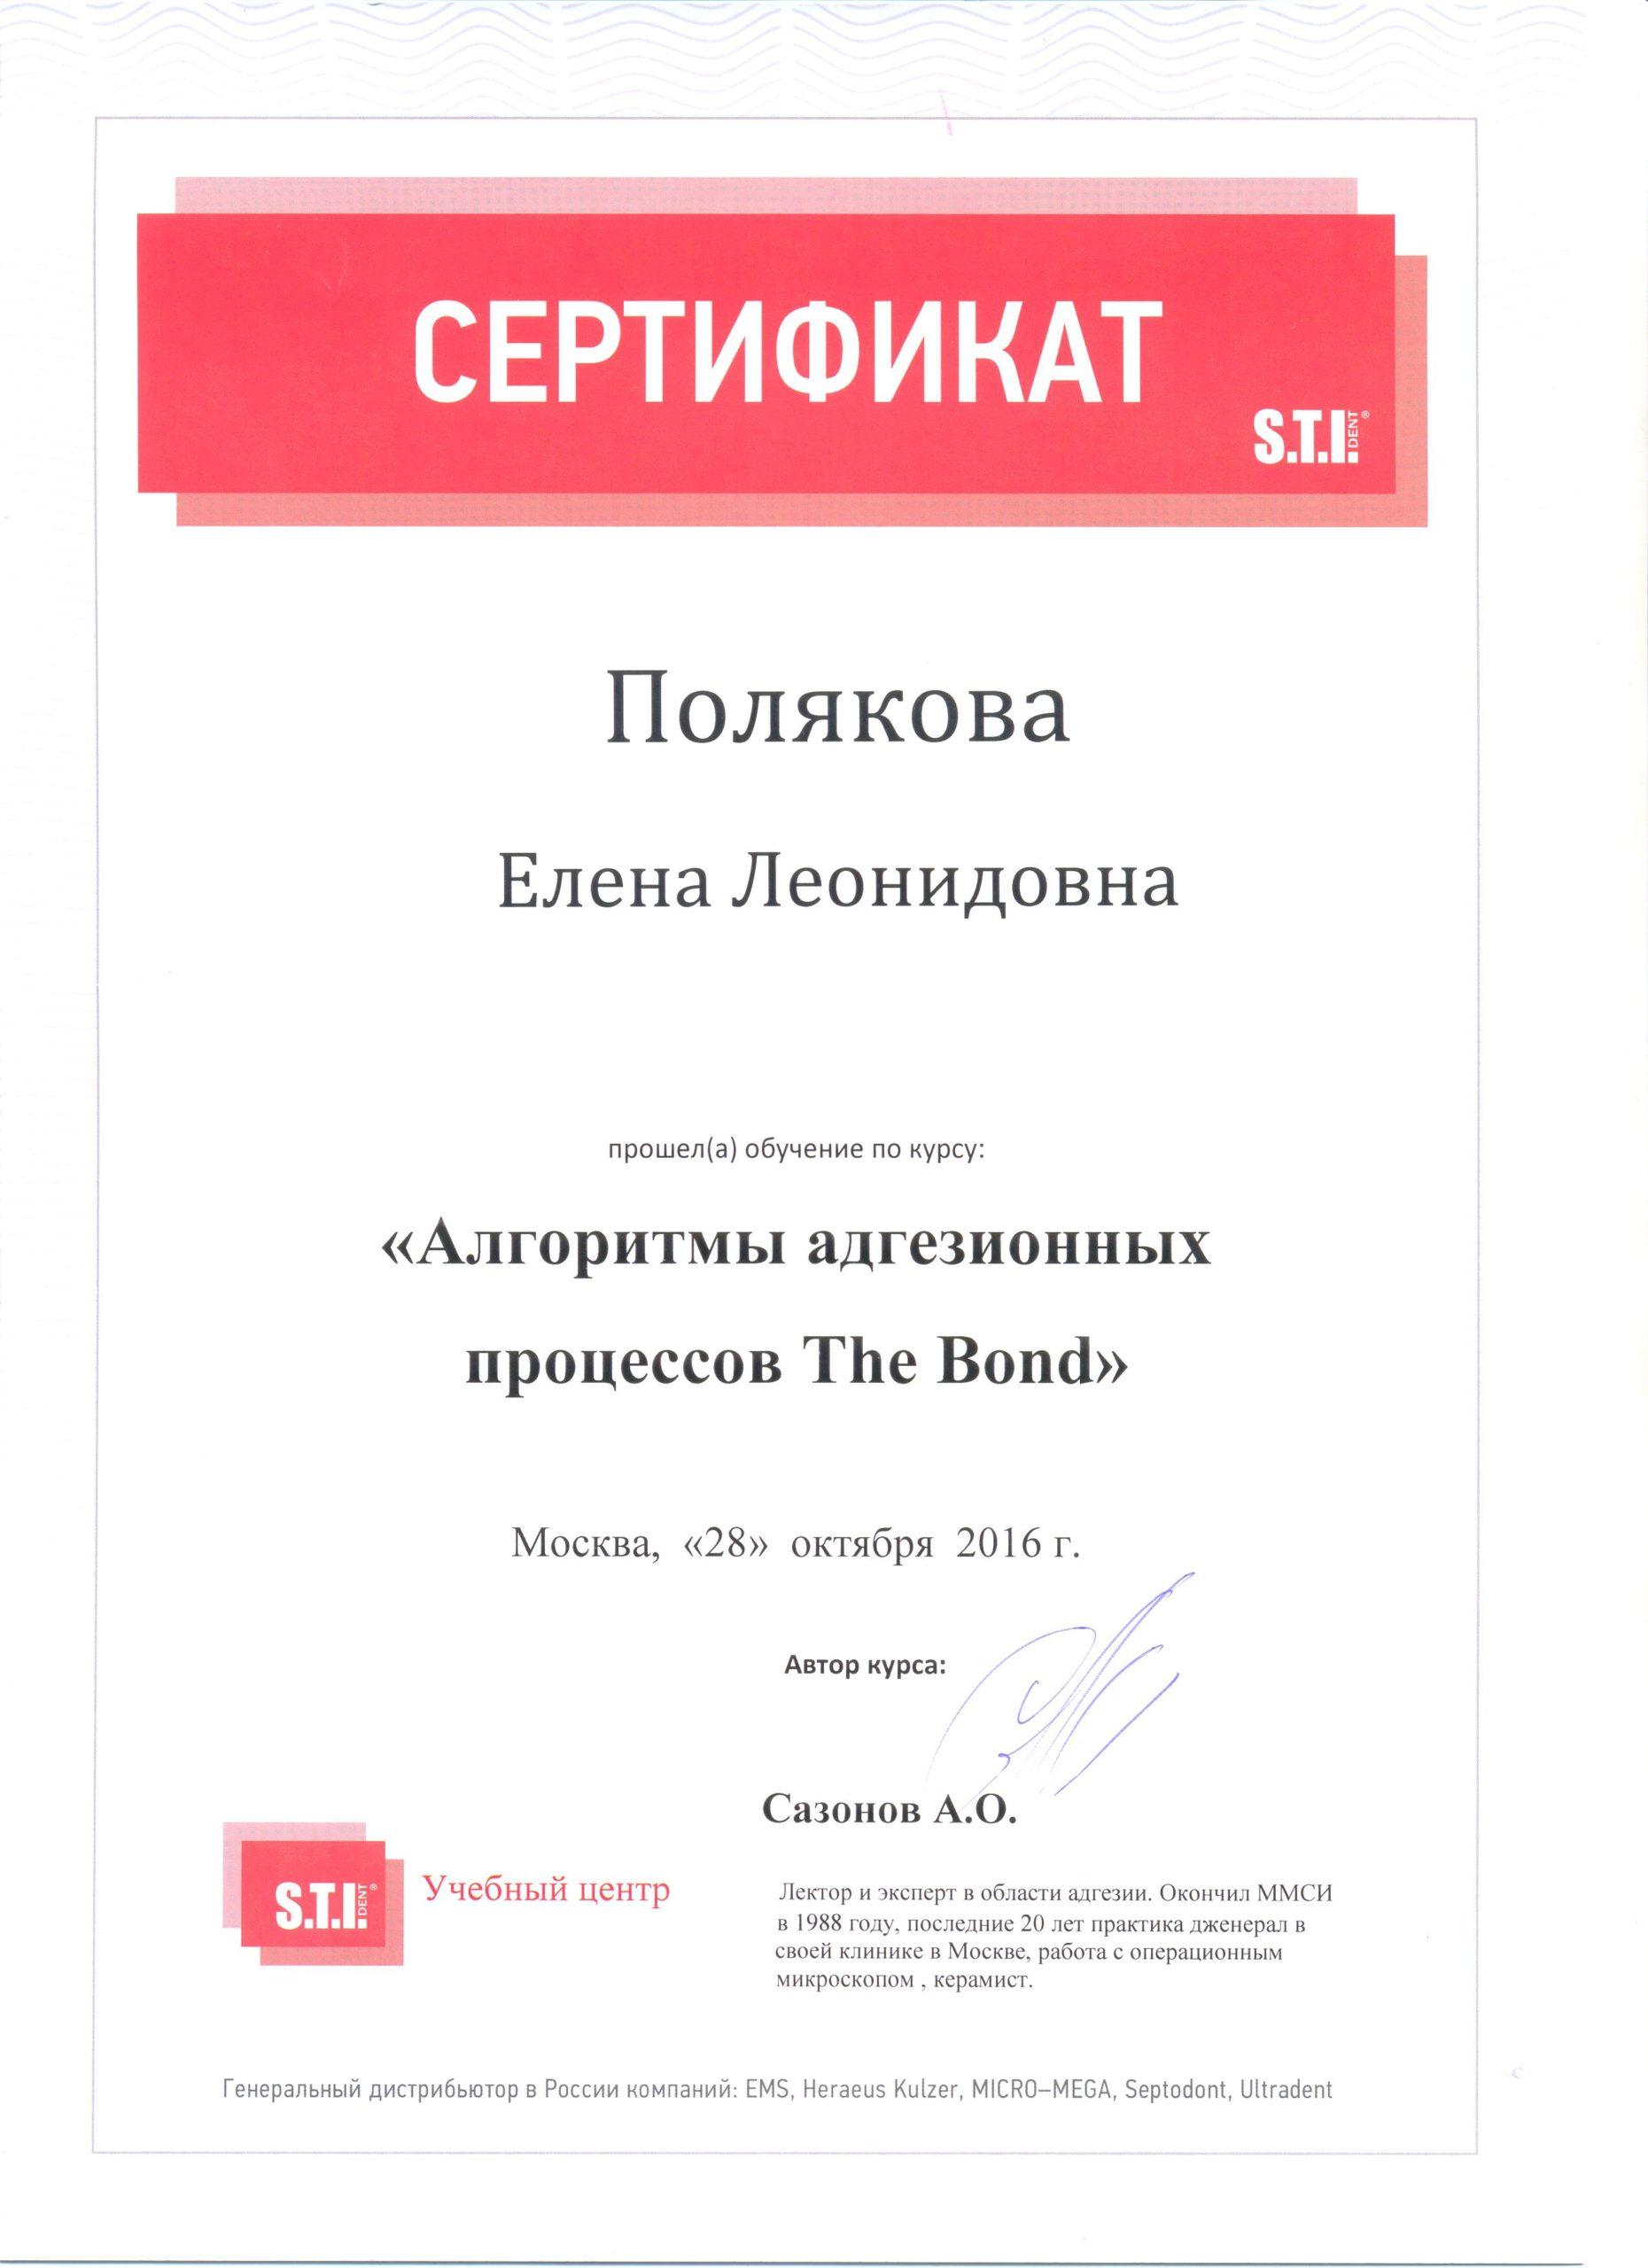 сертификат стоматолога Полякова октябрь 2016